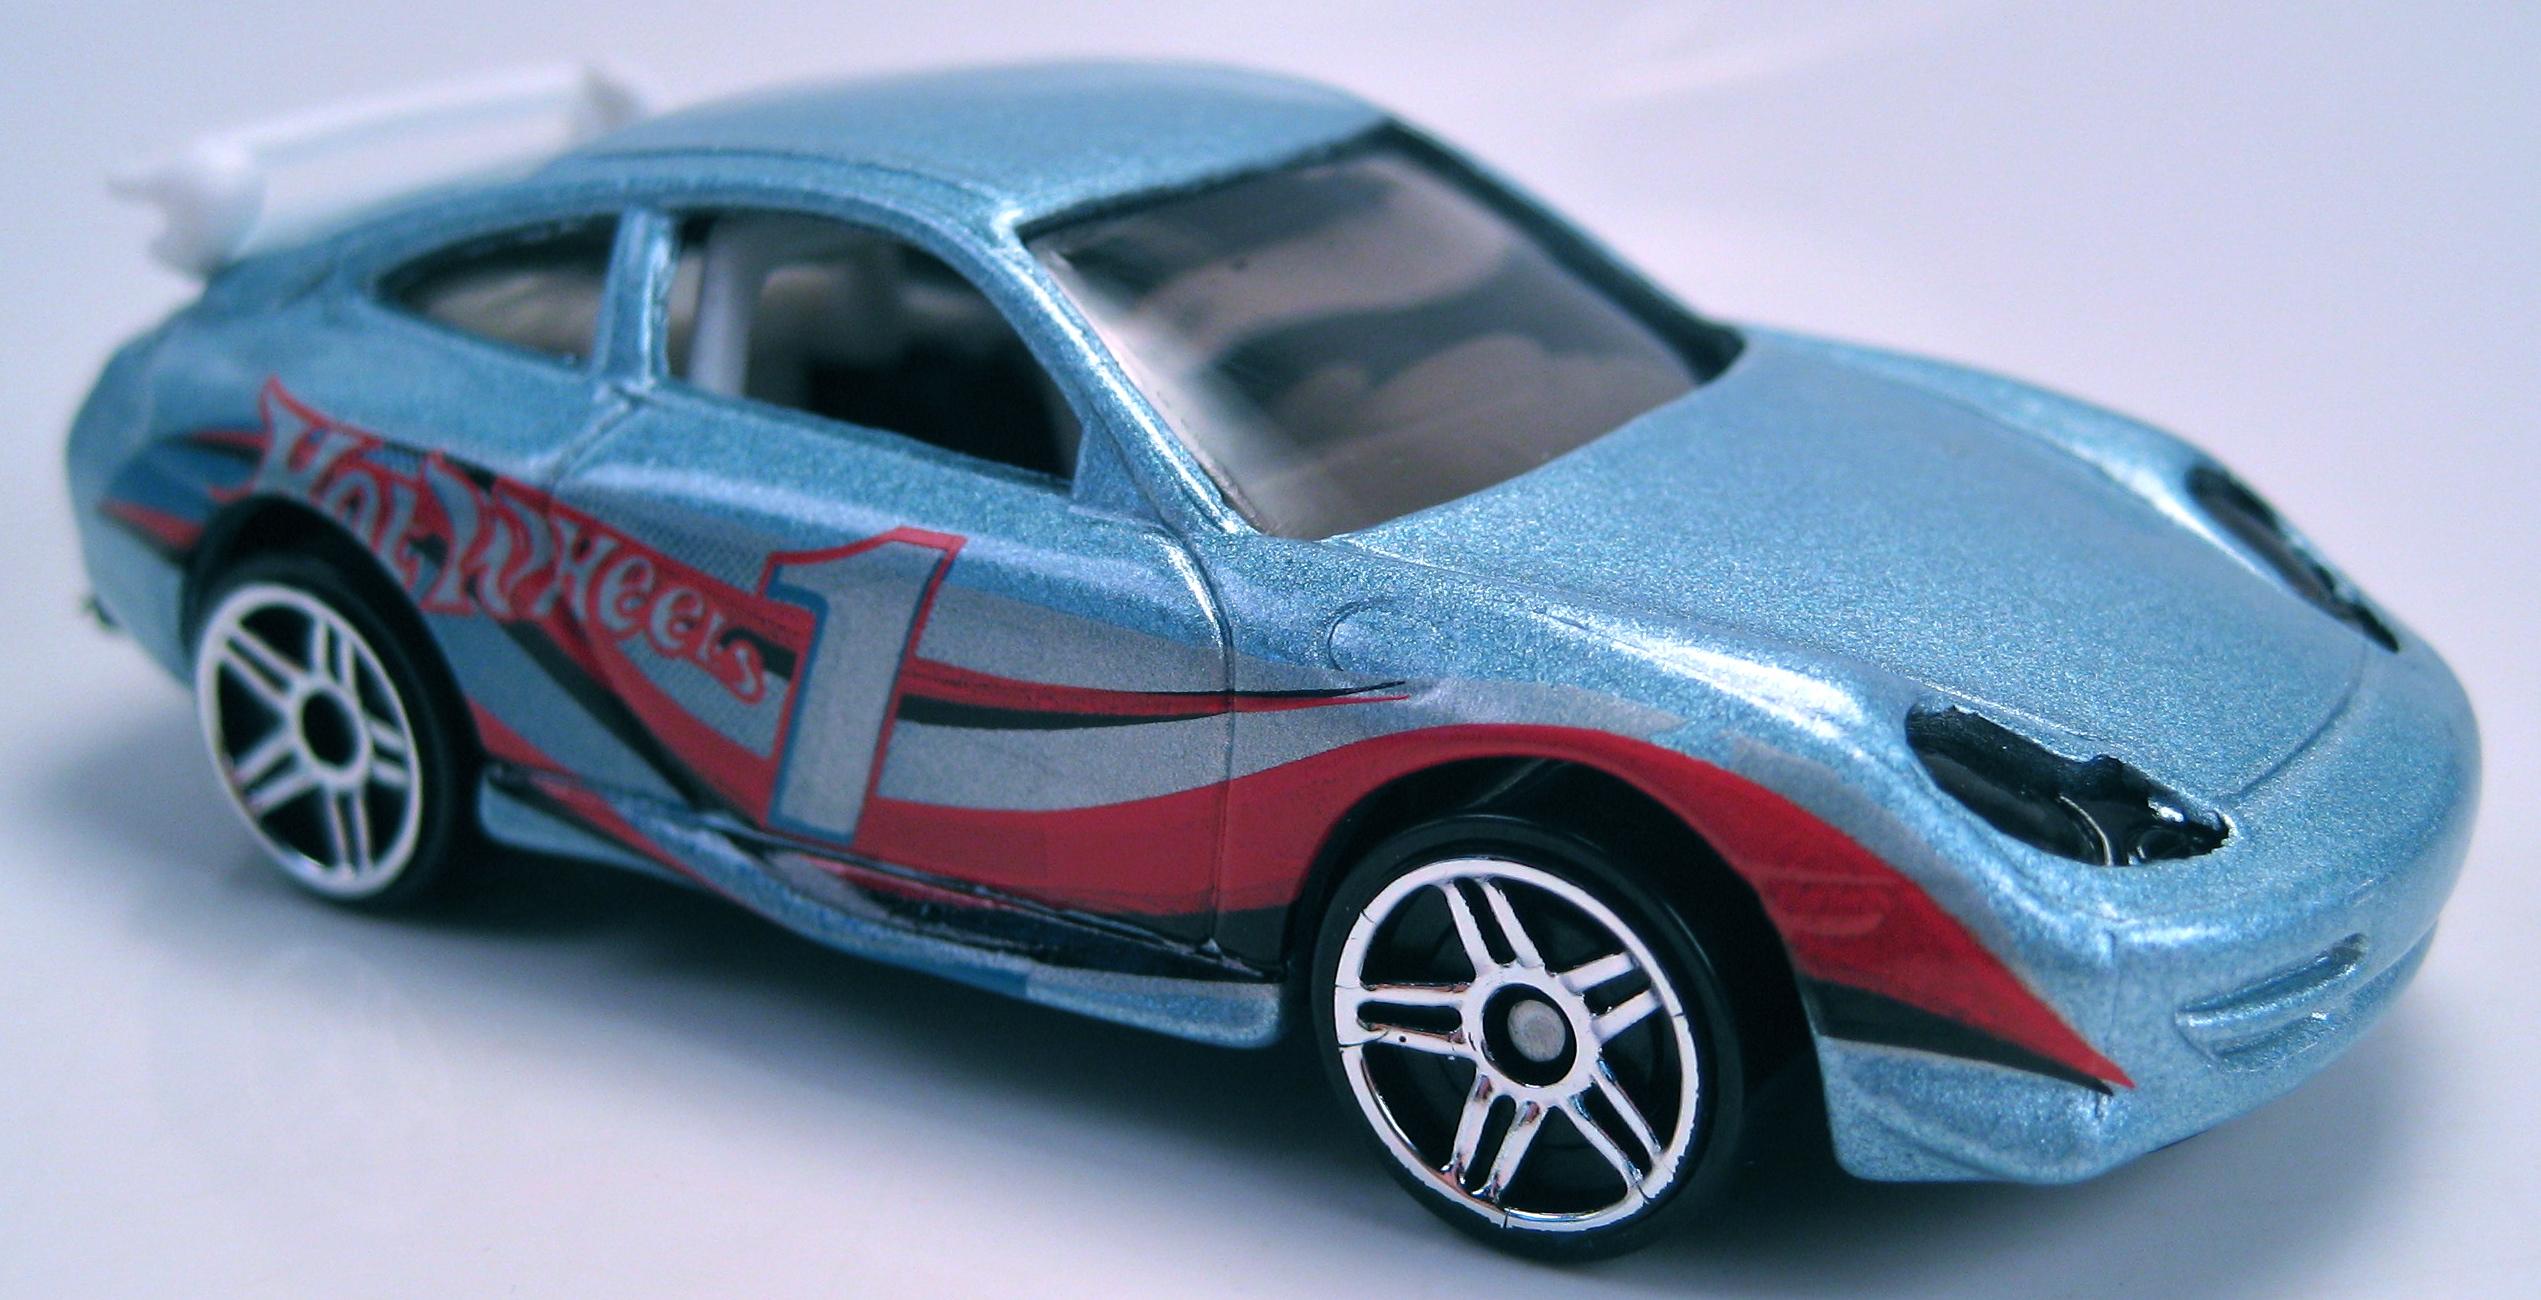 latest?cb=20121204173639 Outstanding Porsche 911 Gt2 Hot Wheels Cars Trend